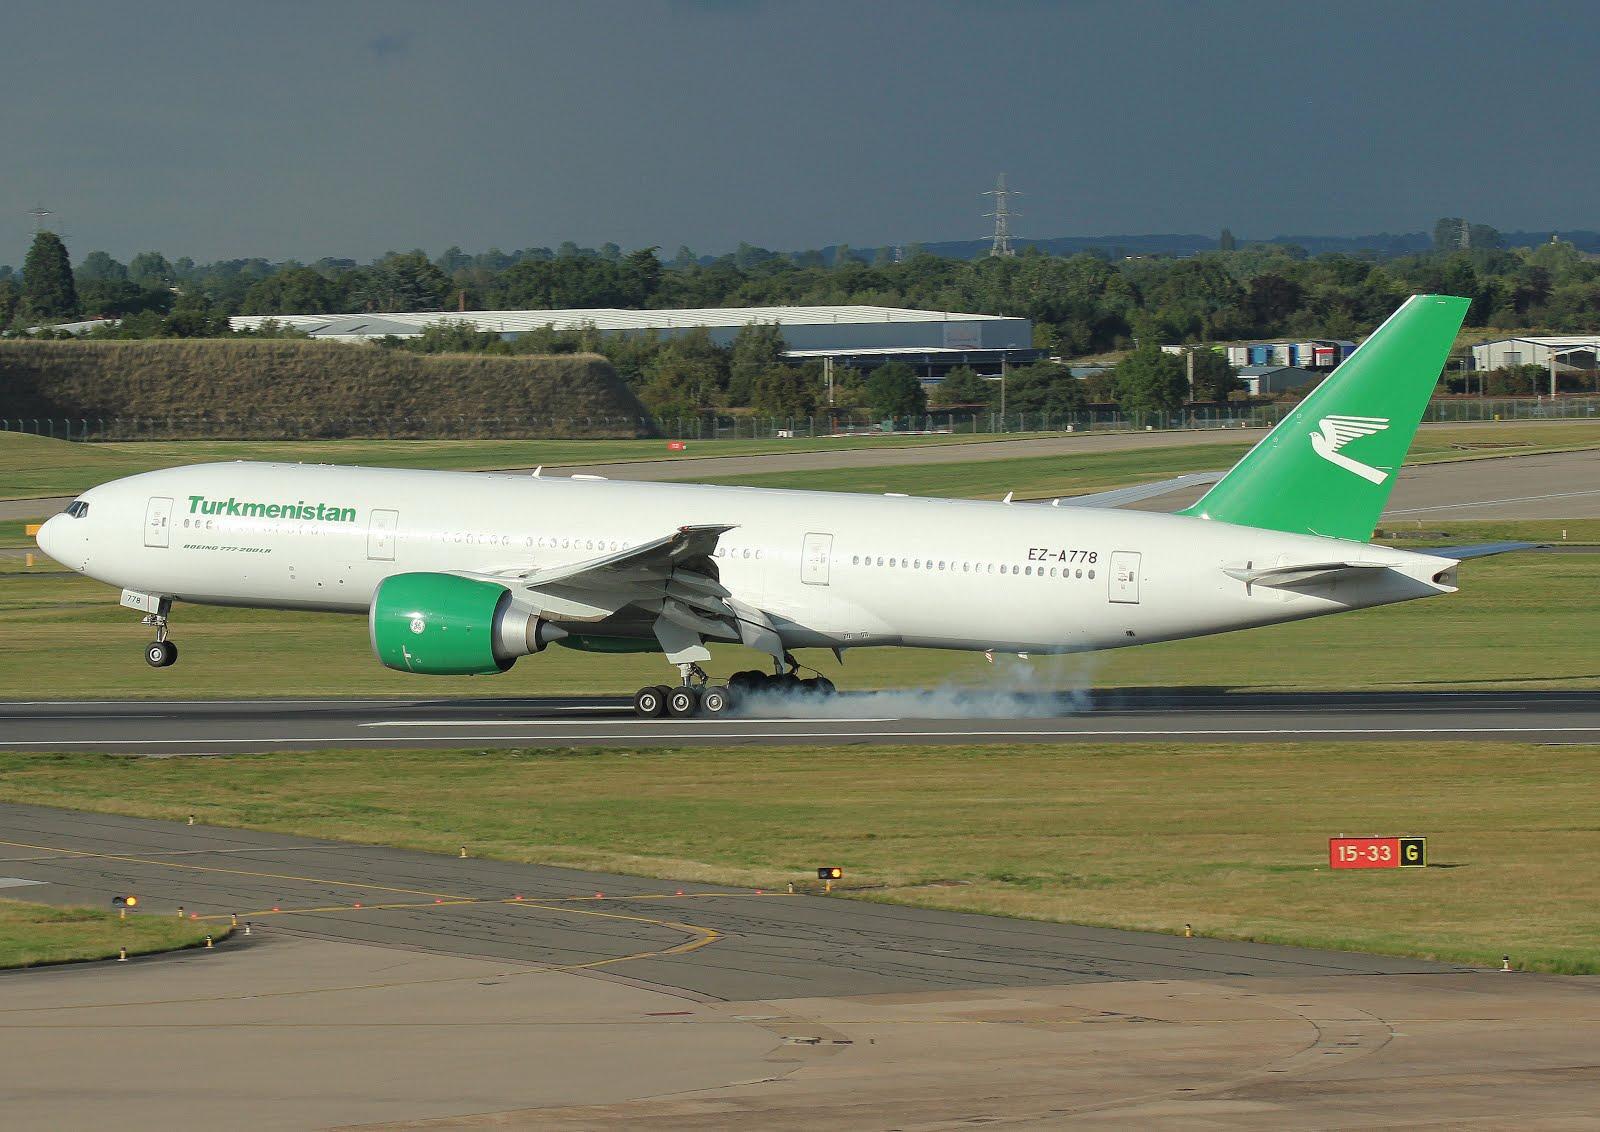 Boeing 772 TURKMENISTAN